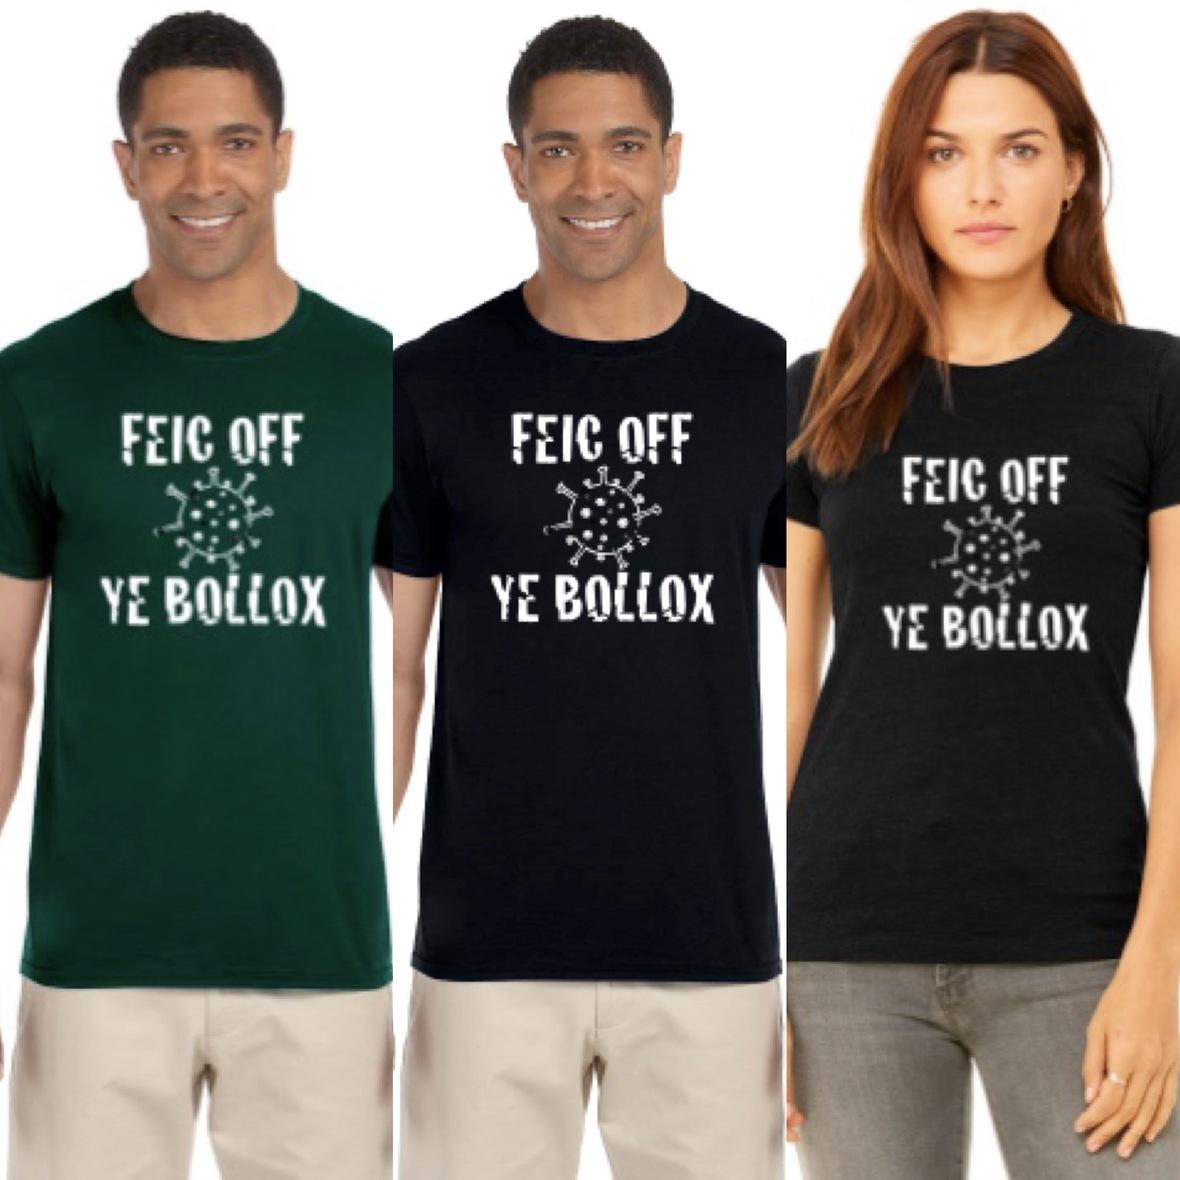 Feic shirts